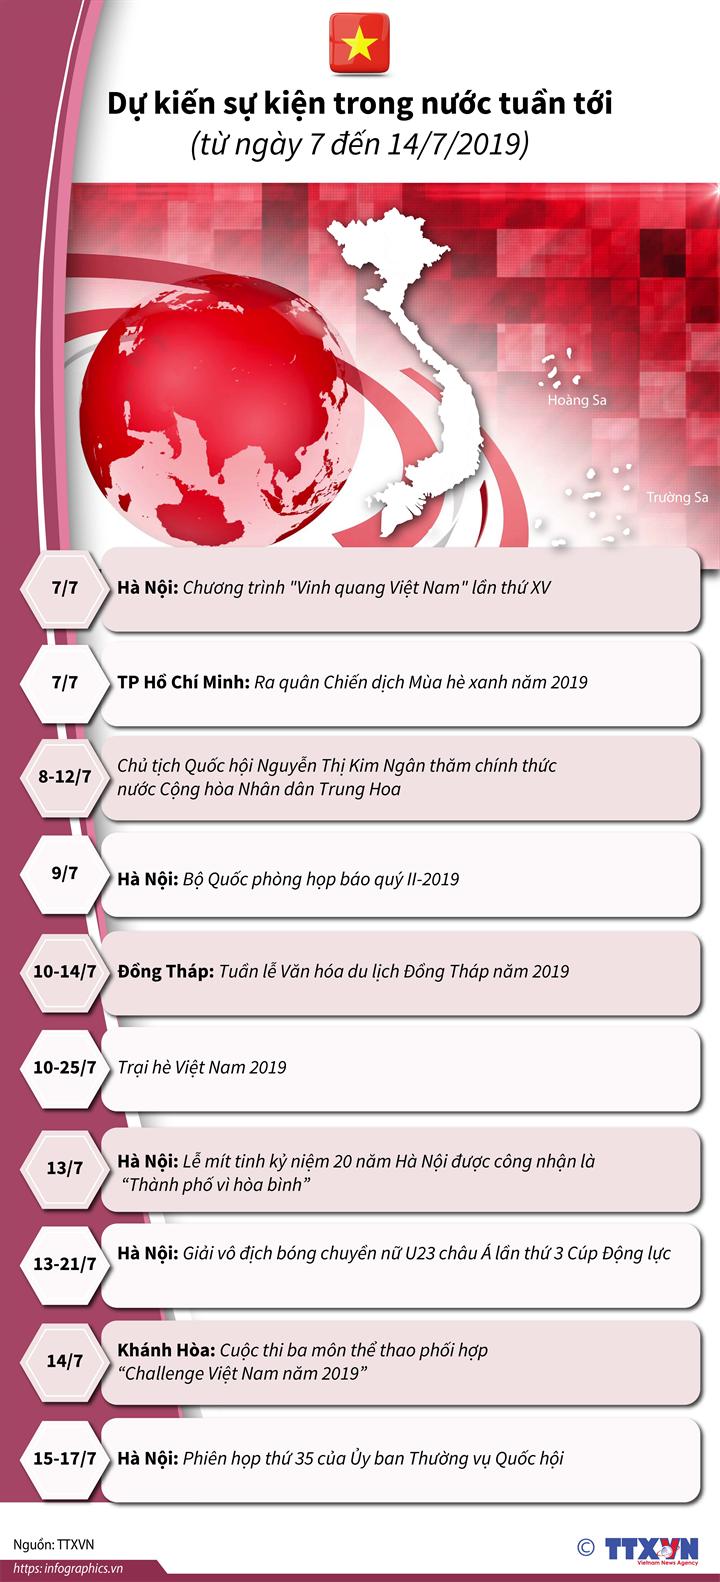 Dự kiến sự kiện trong nước tuần tới  (từ ngày 7 đến 14/7/2019)